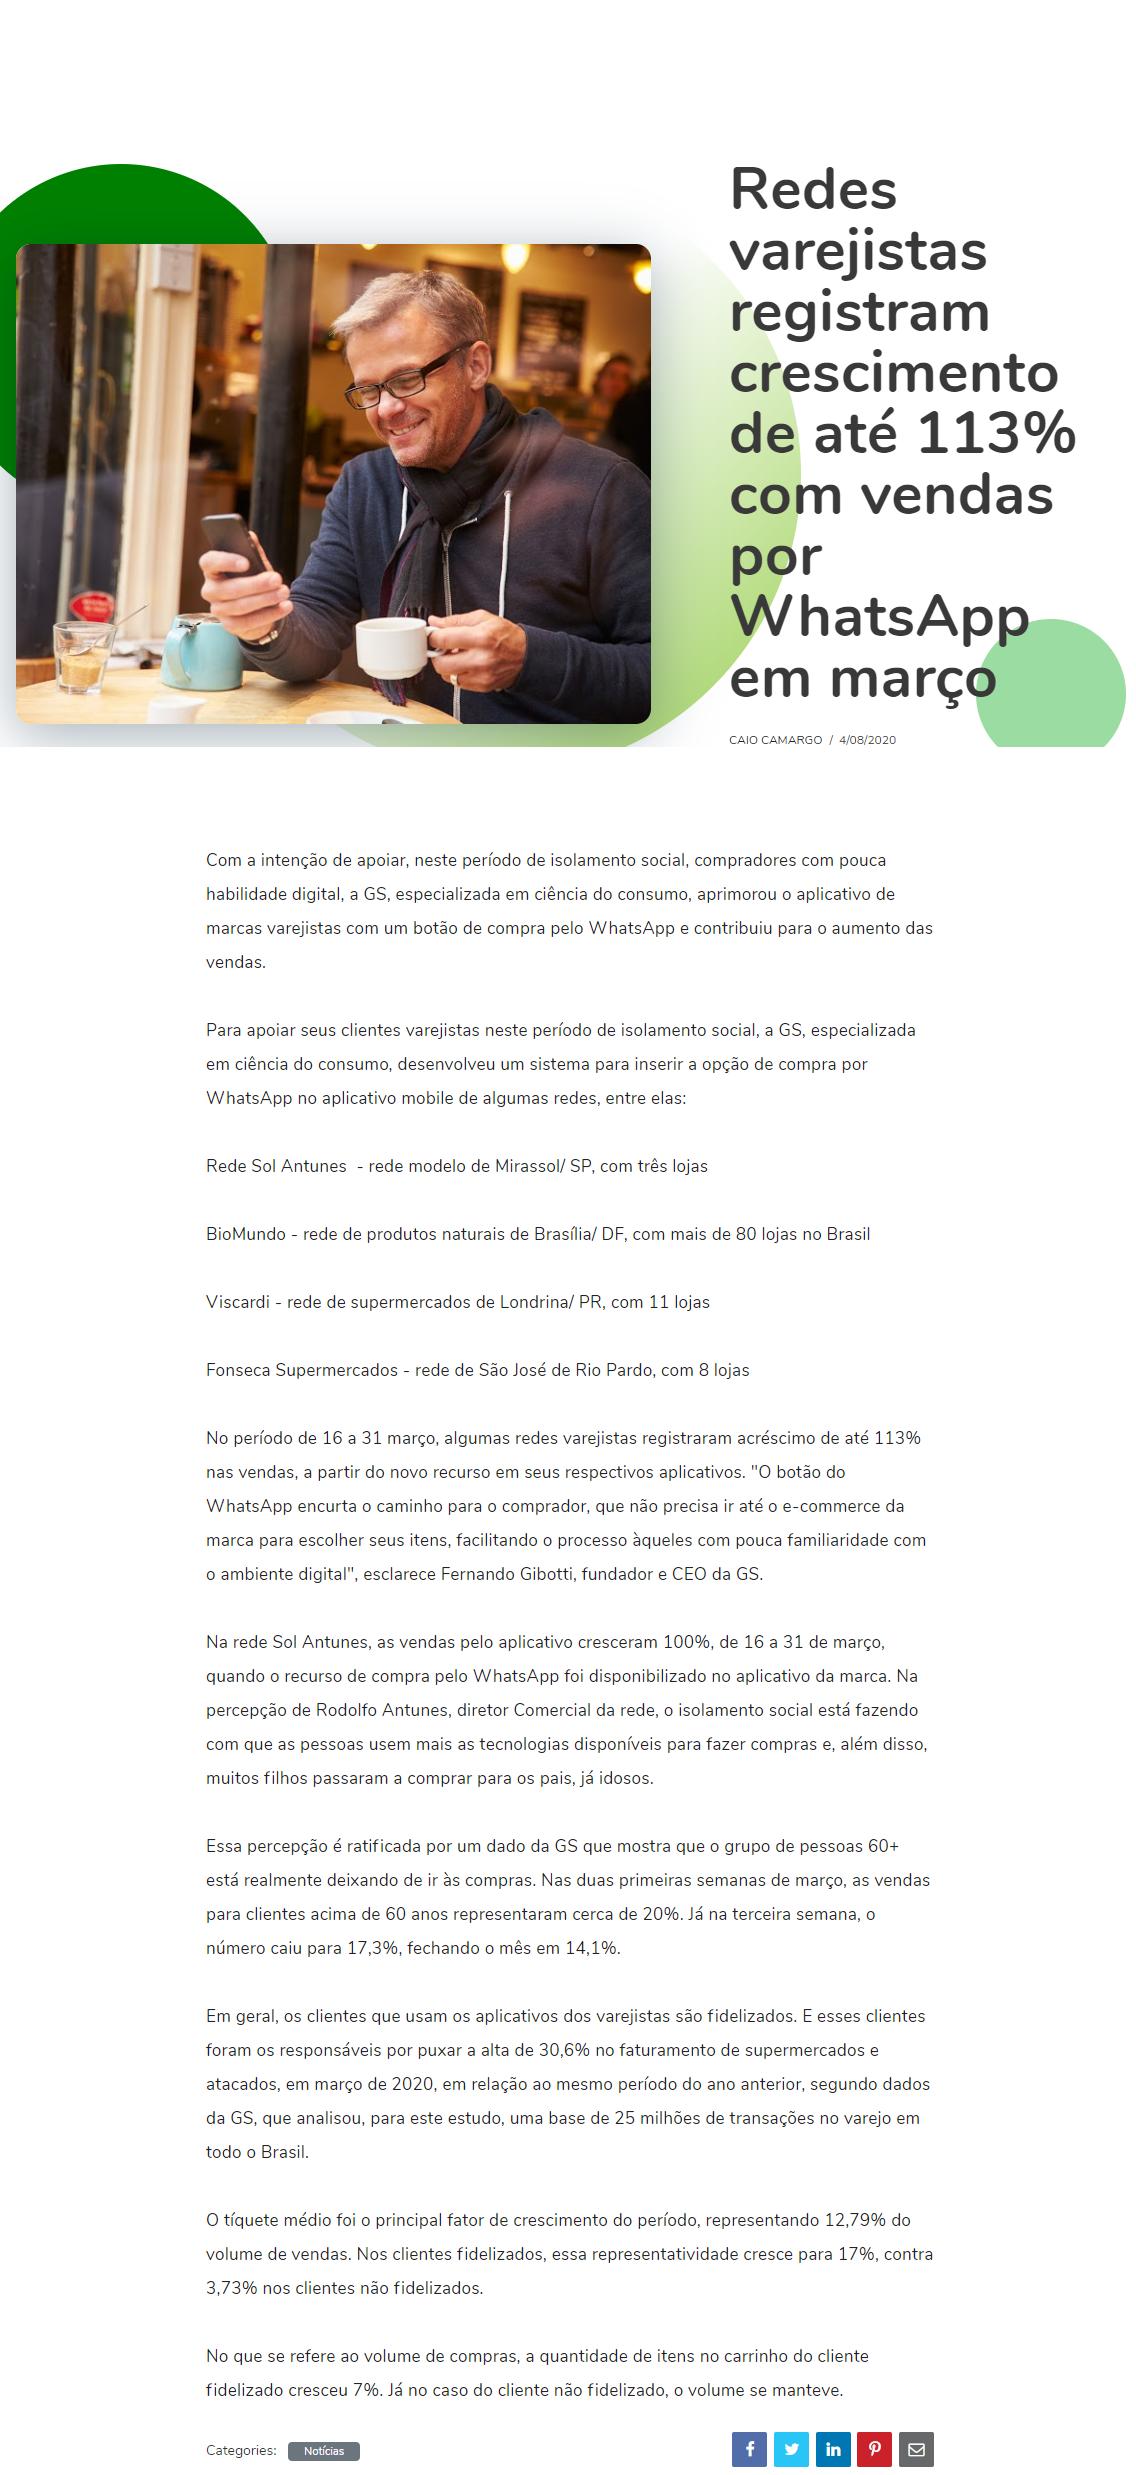 Falando de Varejo - Redes varejistas registram crescimento de até 113% com vendas por WhatsApp em março